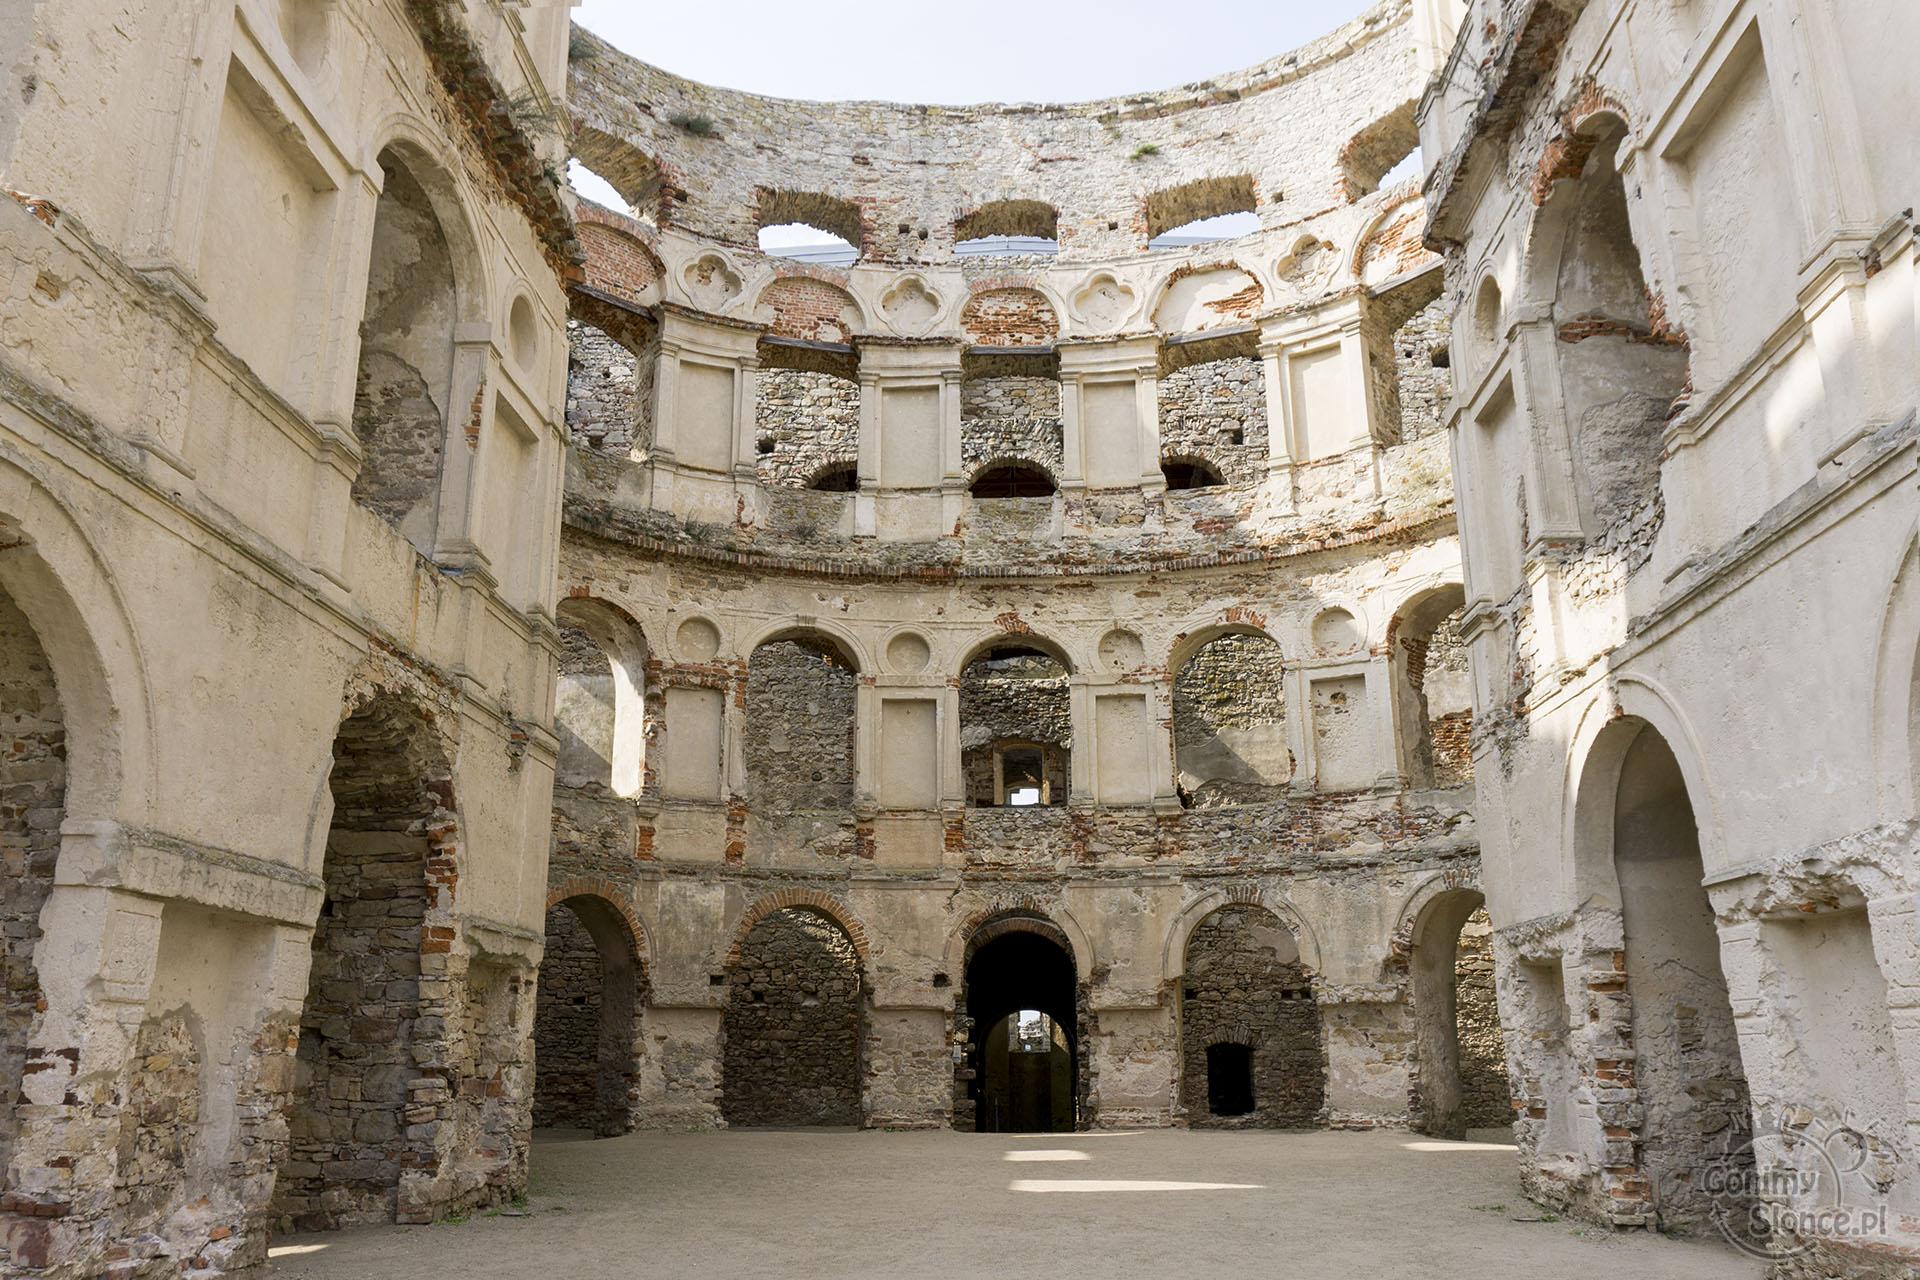 Polska nieoczywista, Zamek Krzyżtopór - ruiny